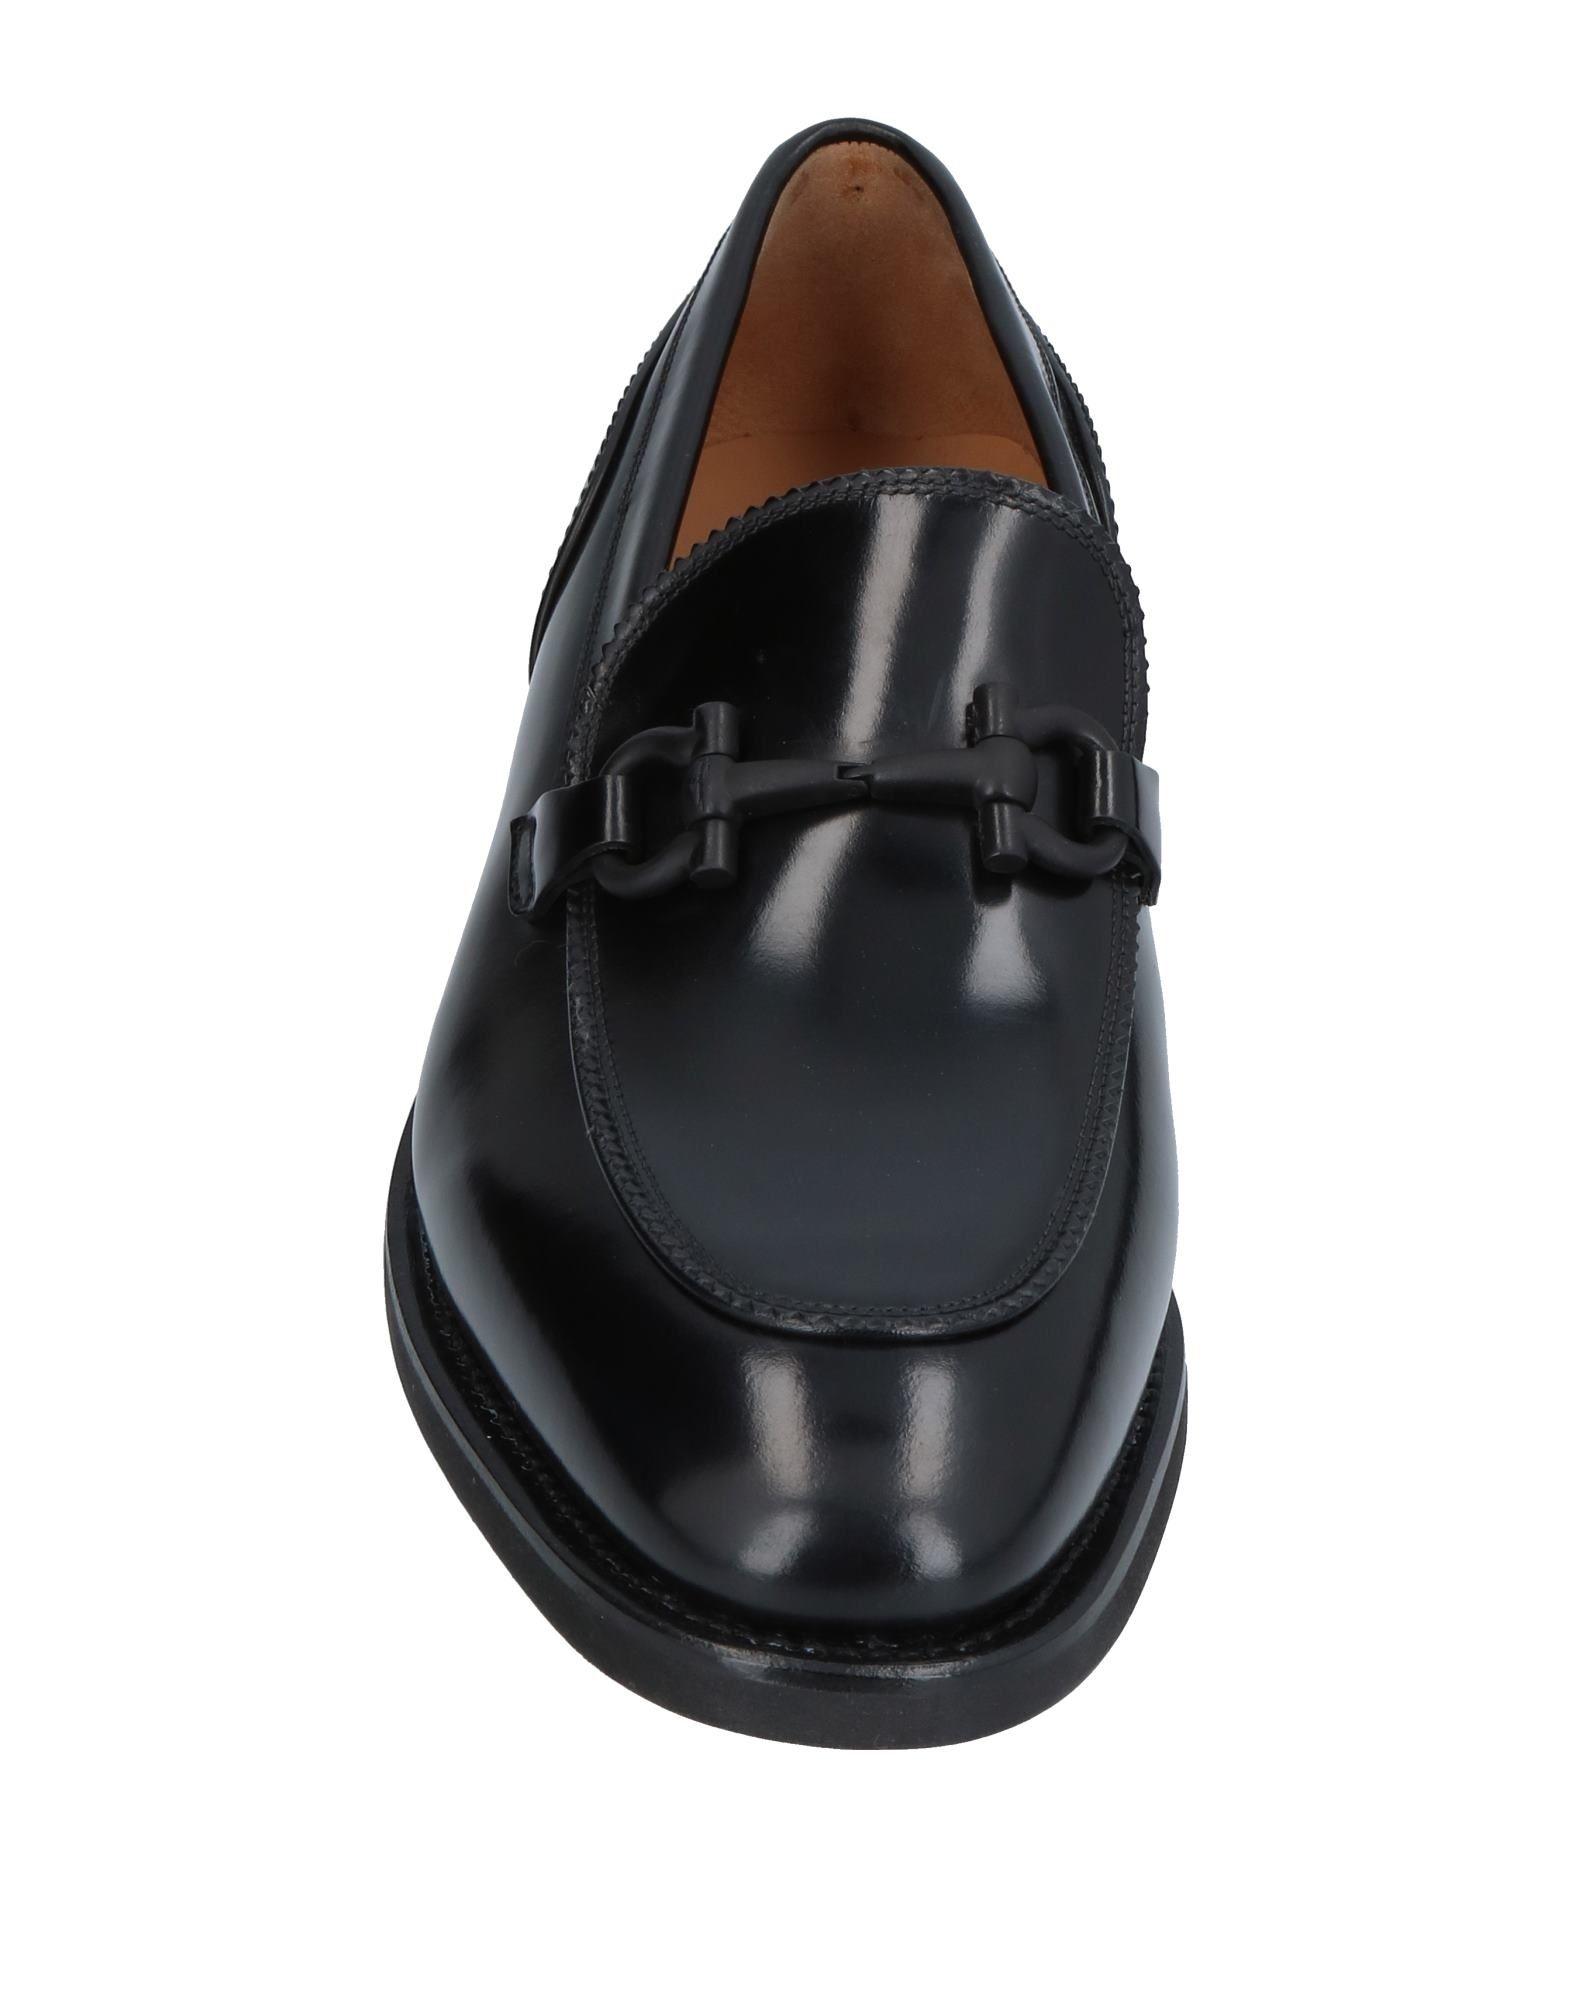 Salvatore Ferragamo Mokassins Herren  11382518DL Gute Qualität beliebte Schuhe